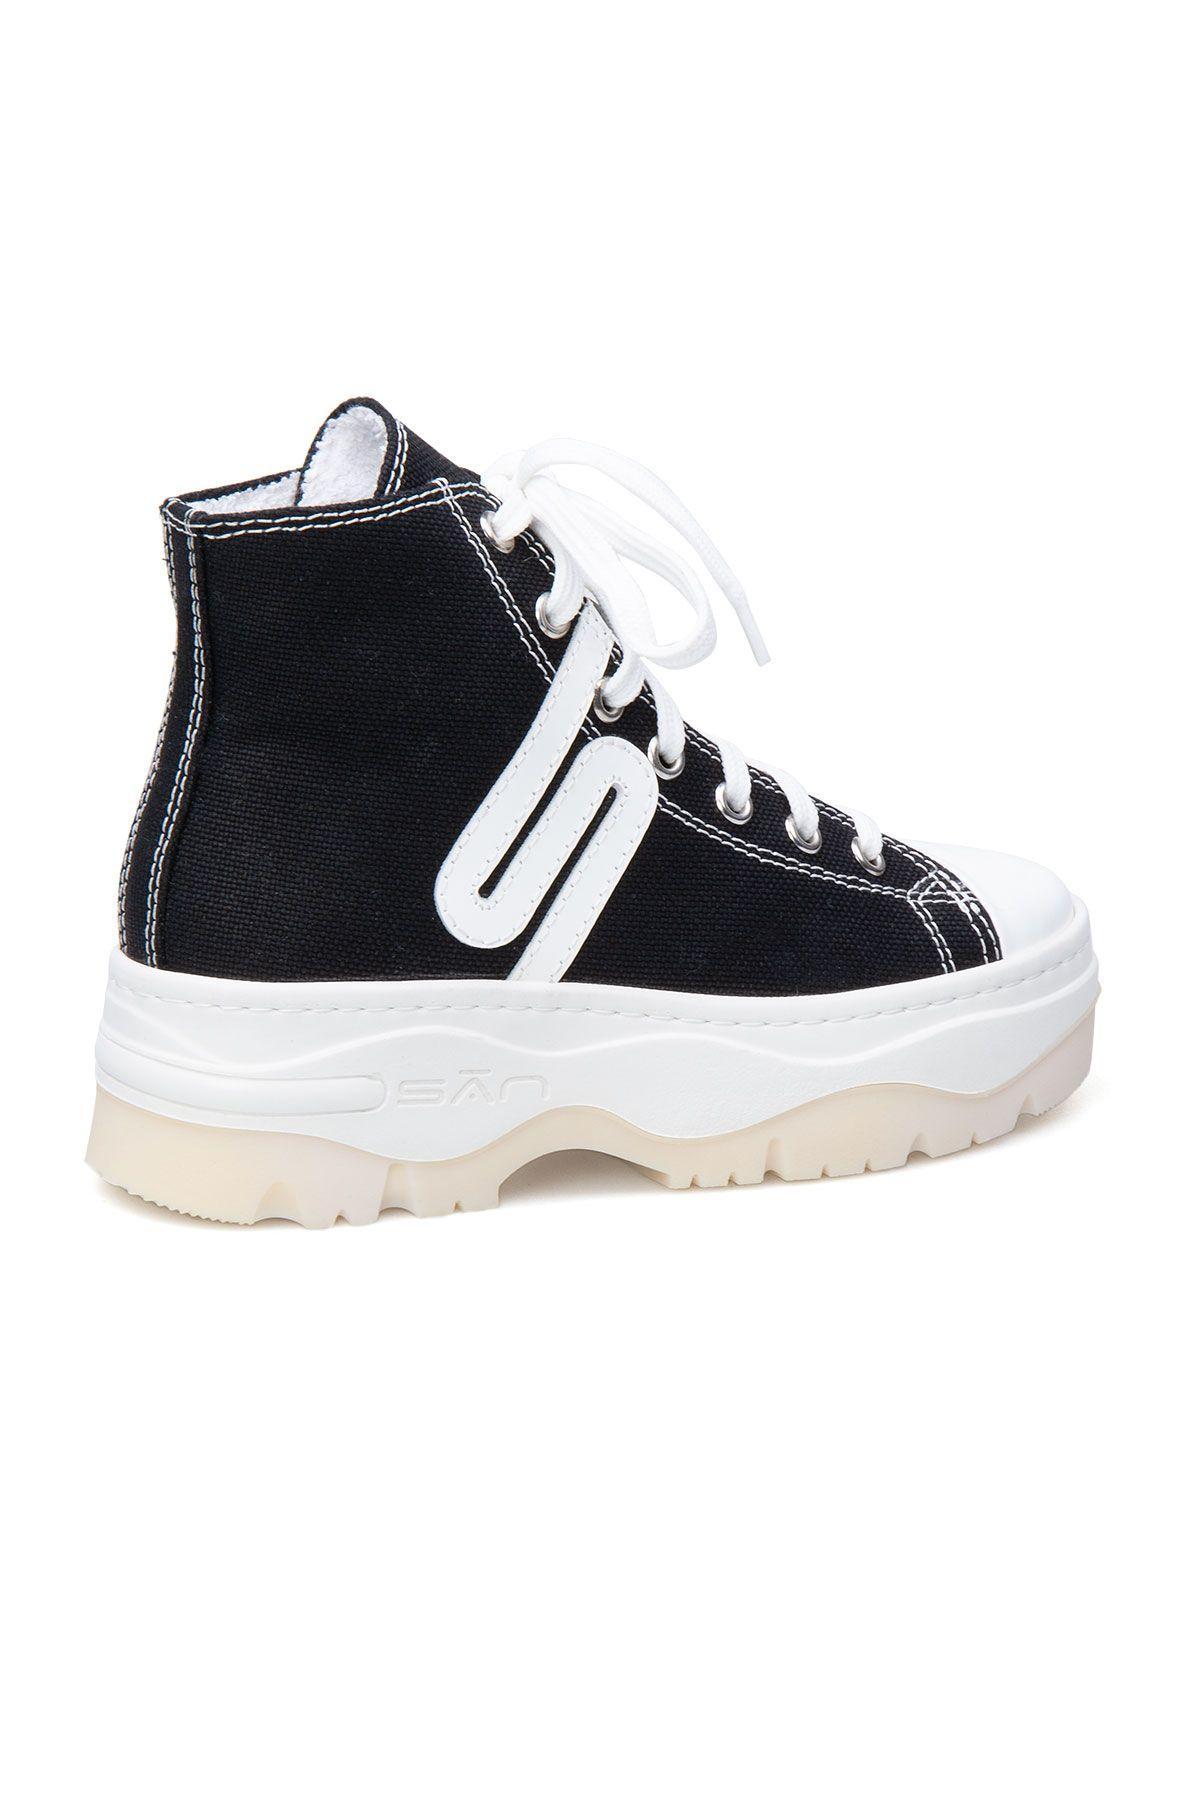 San Women's Sneaker SAN01S Black